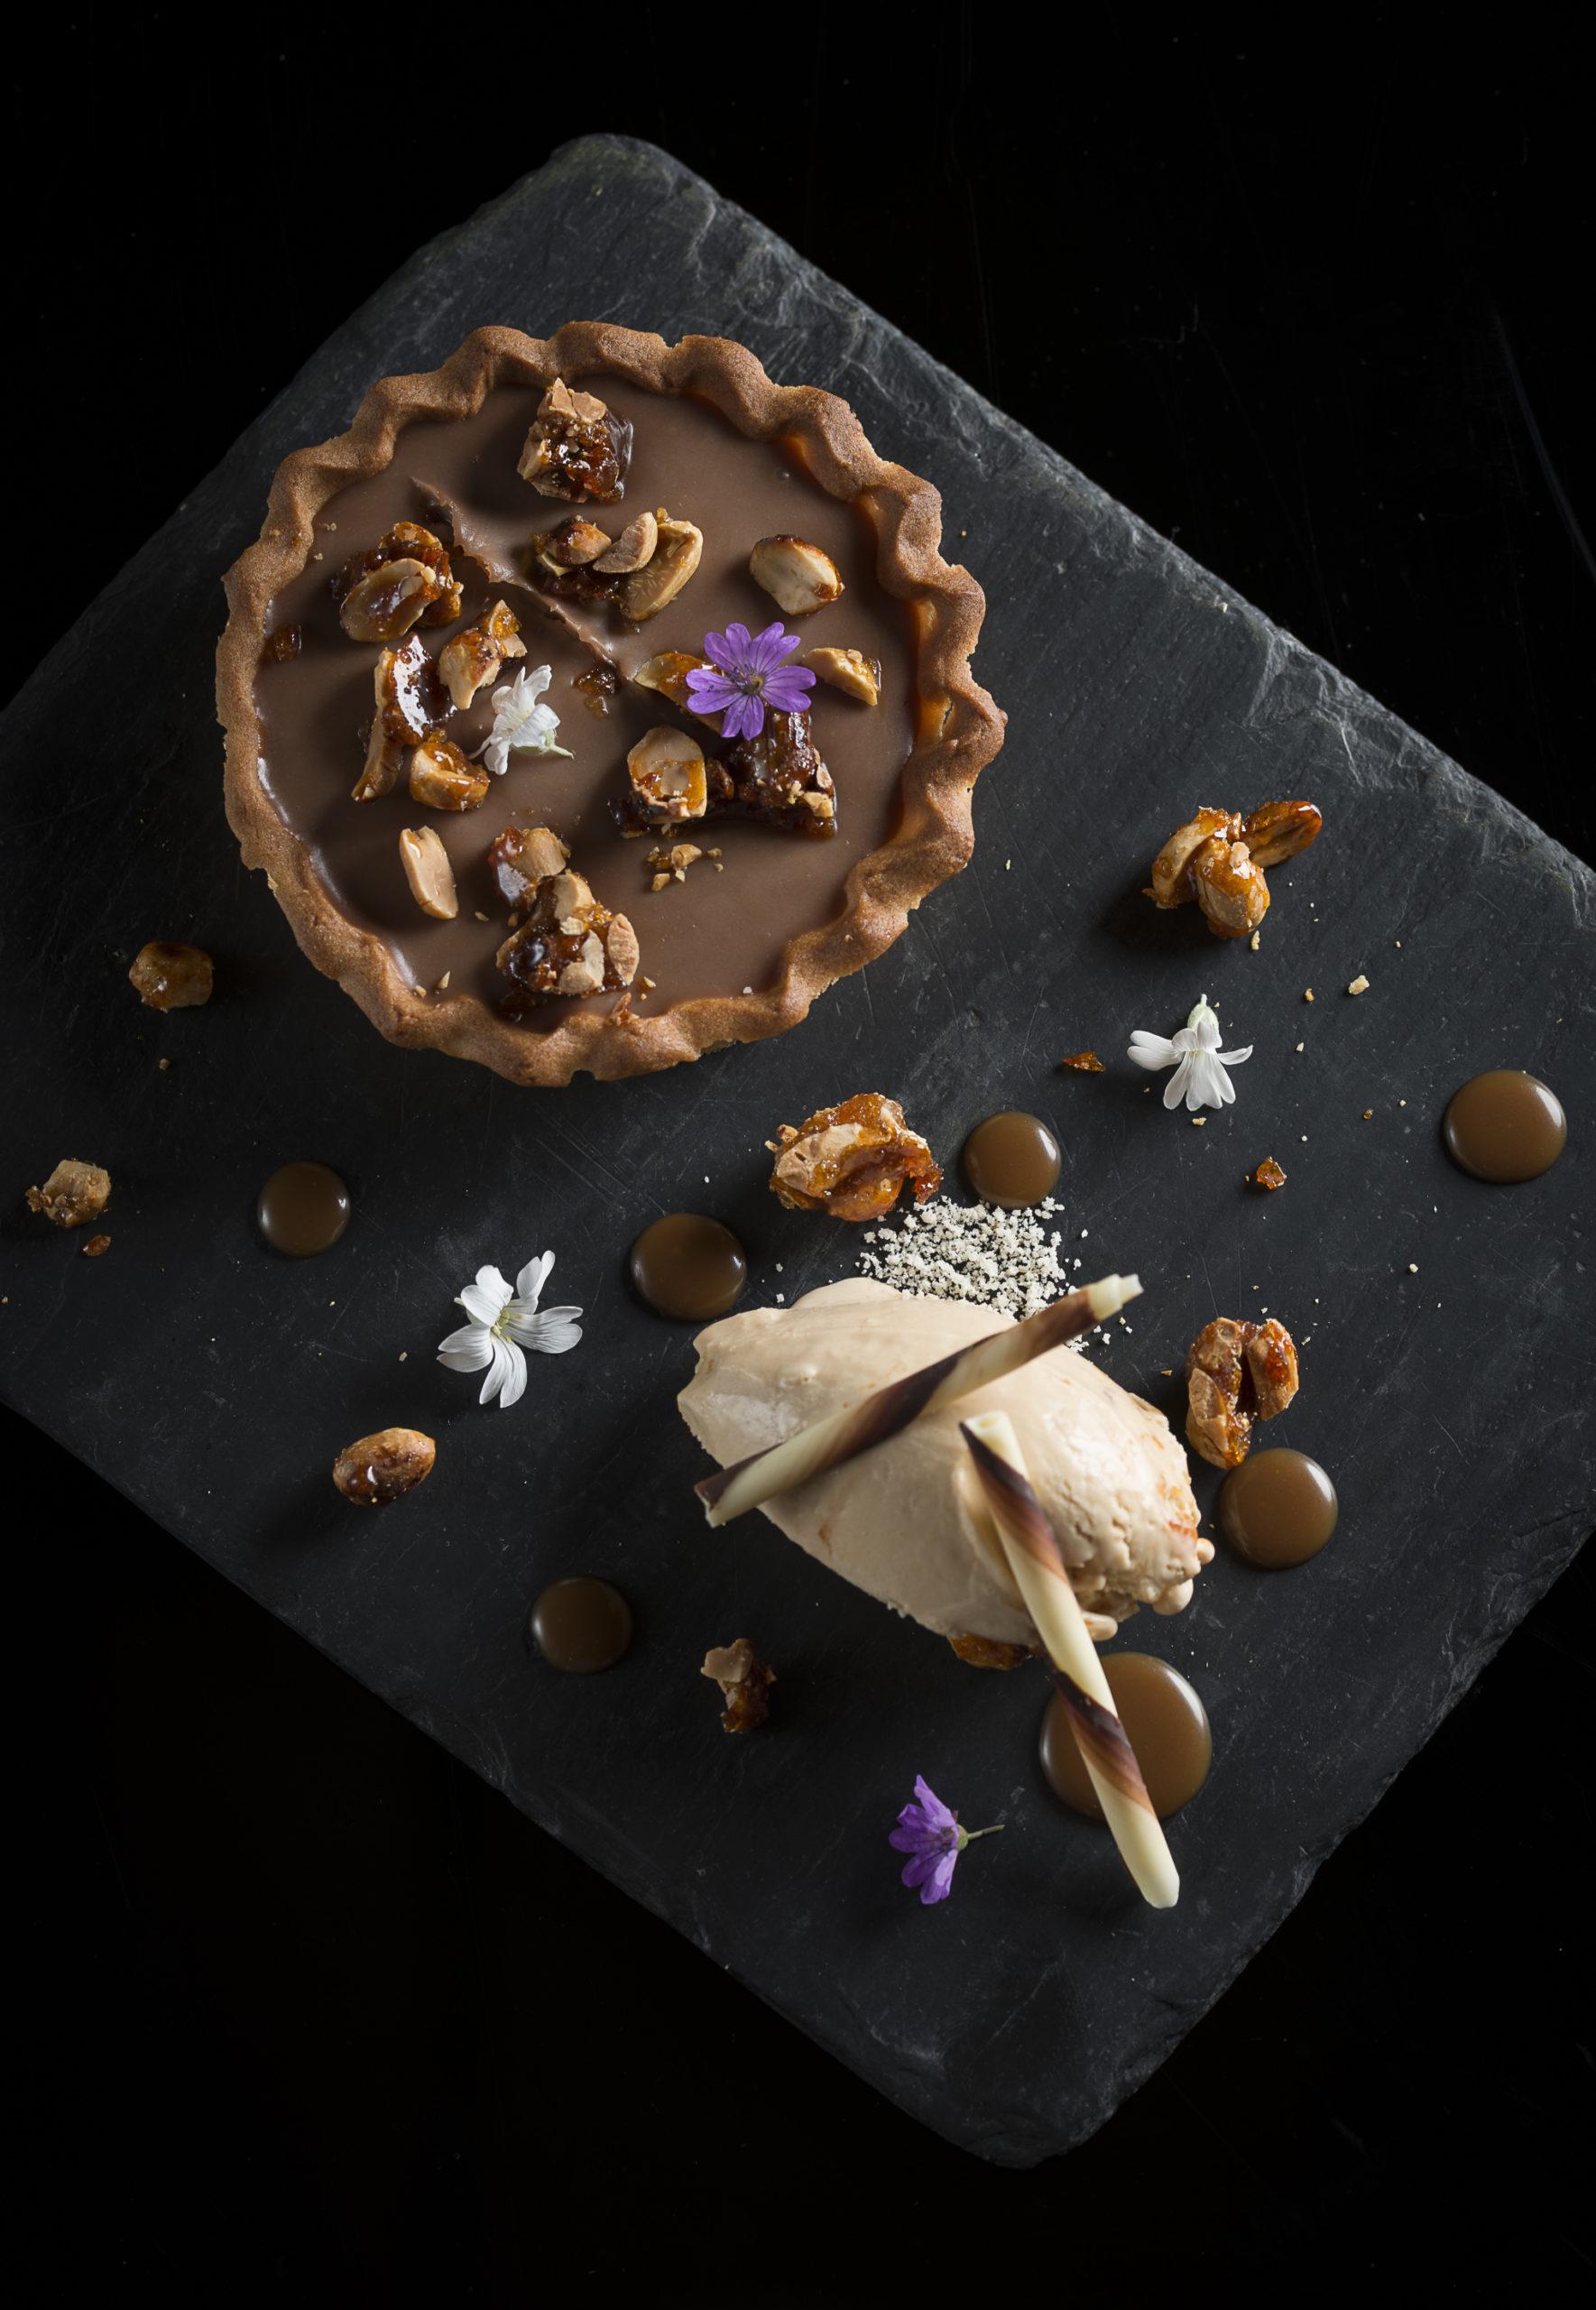 Tartelette chocolat au lait, caramel & cacahuètes